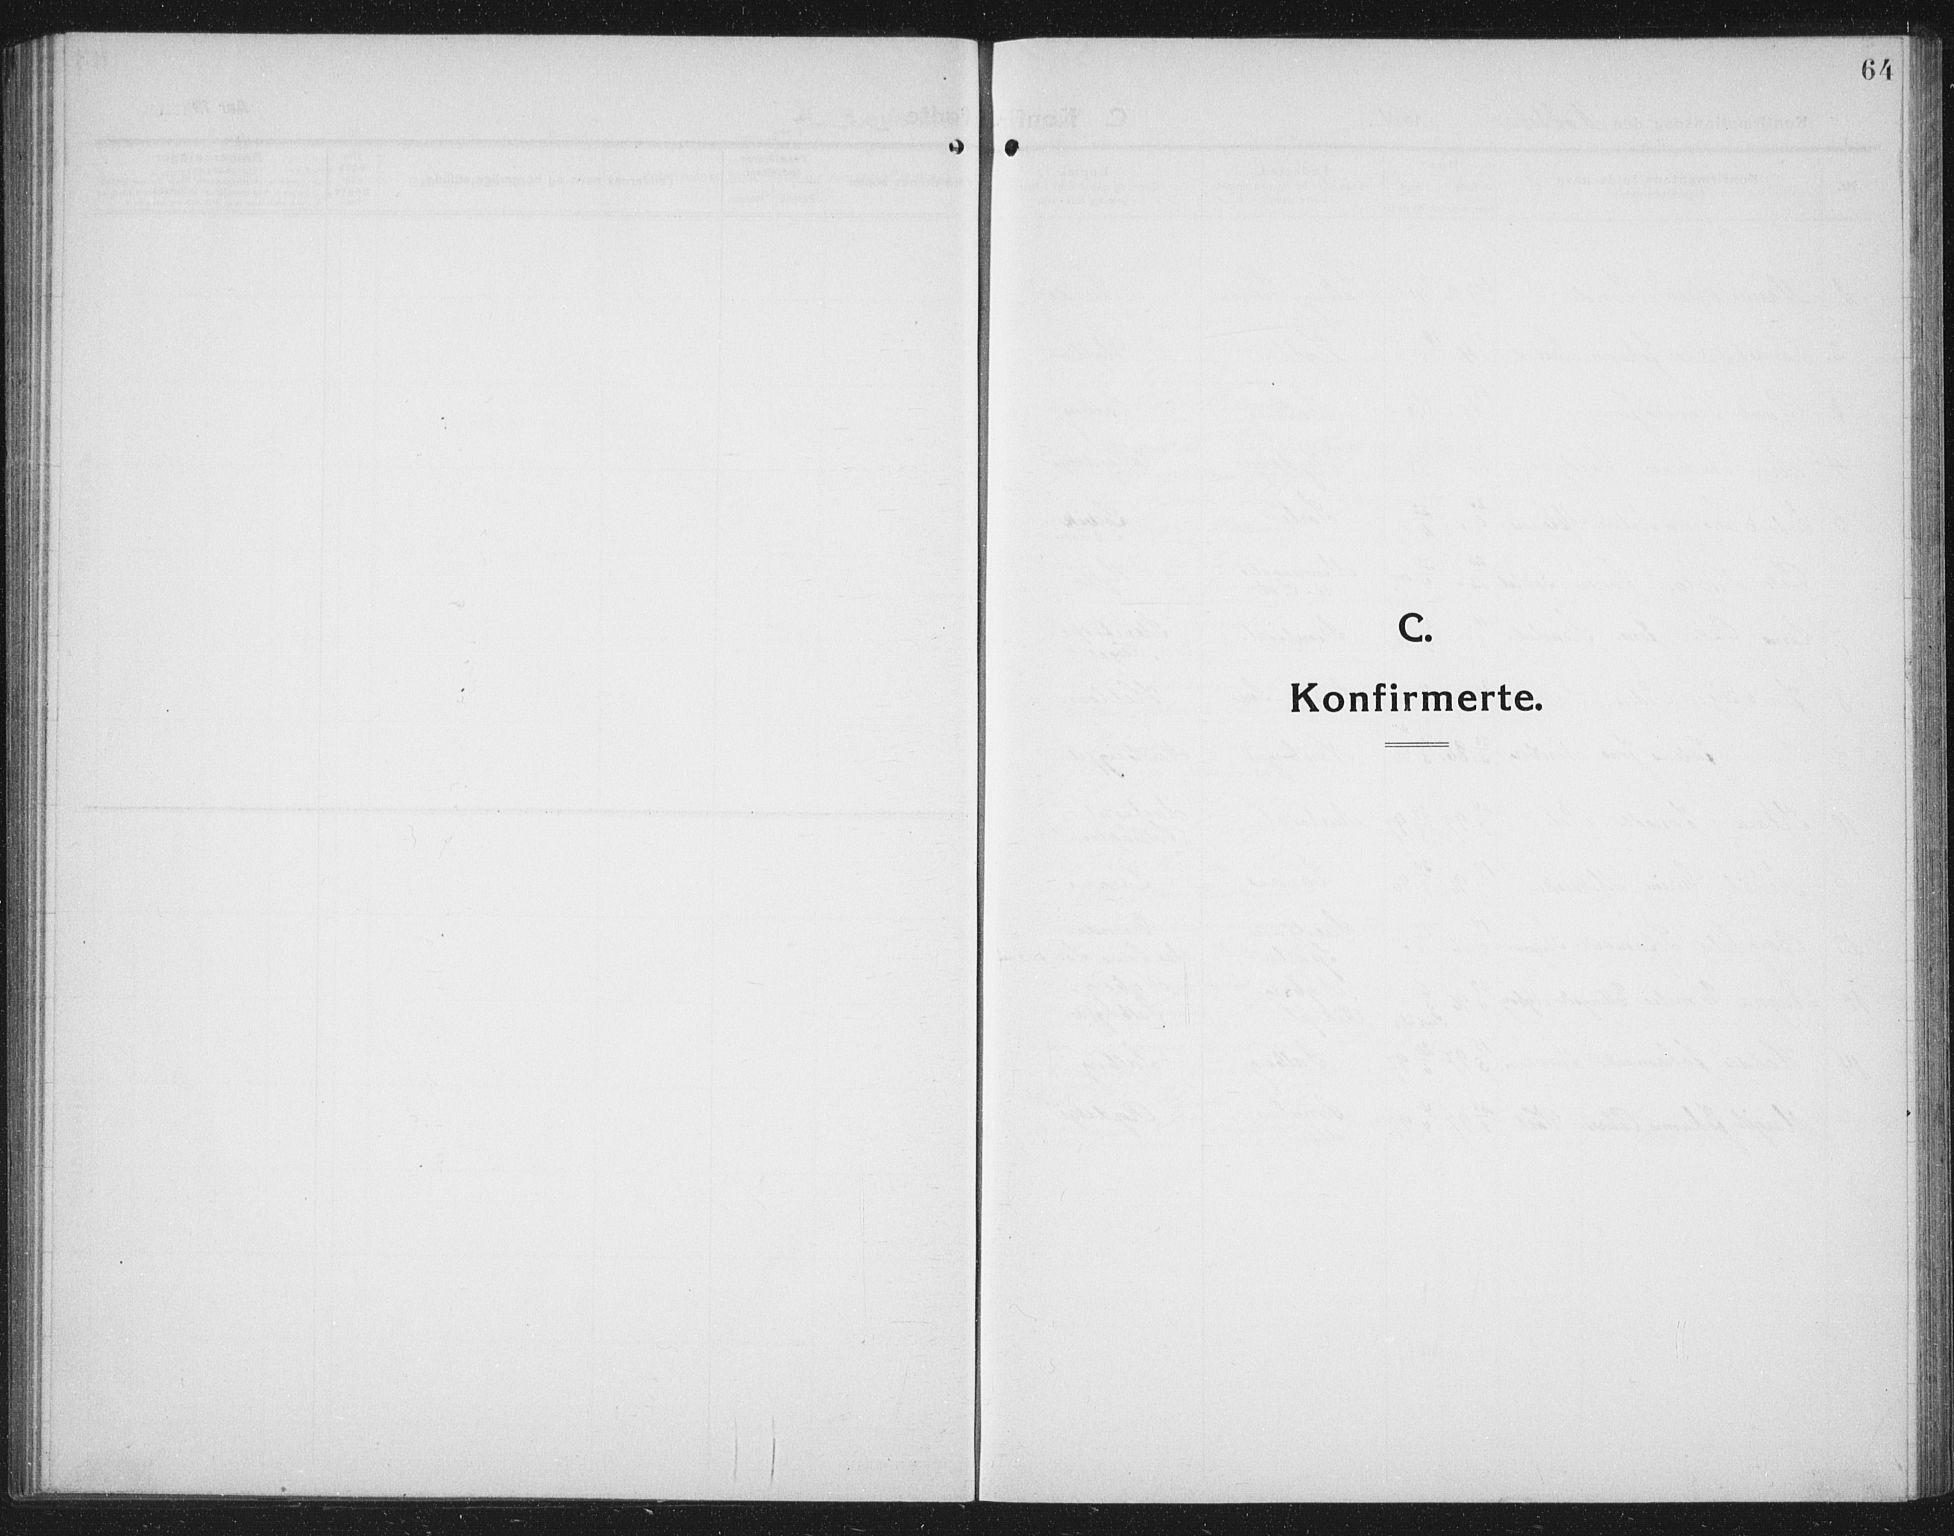 SAT, Ministerialprotokoller, klokkerbøker og fødselsregistre - Nord-Trøndelag, 731/L0312: Klokkerbok nr. 731C03, 1911-1935, s. 64